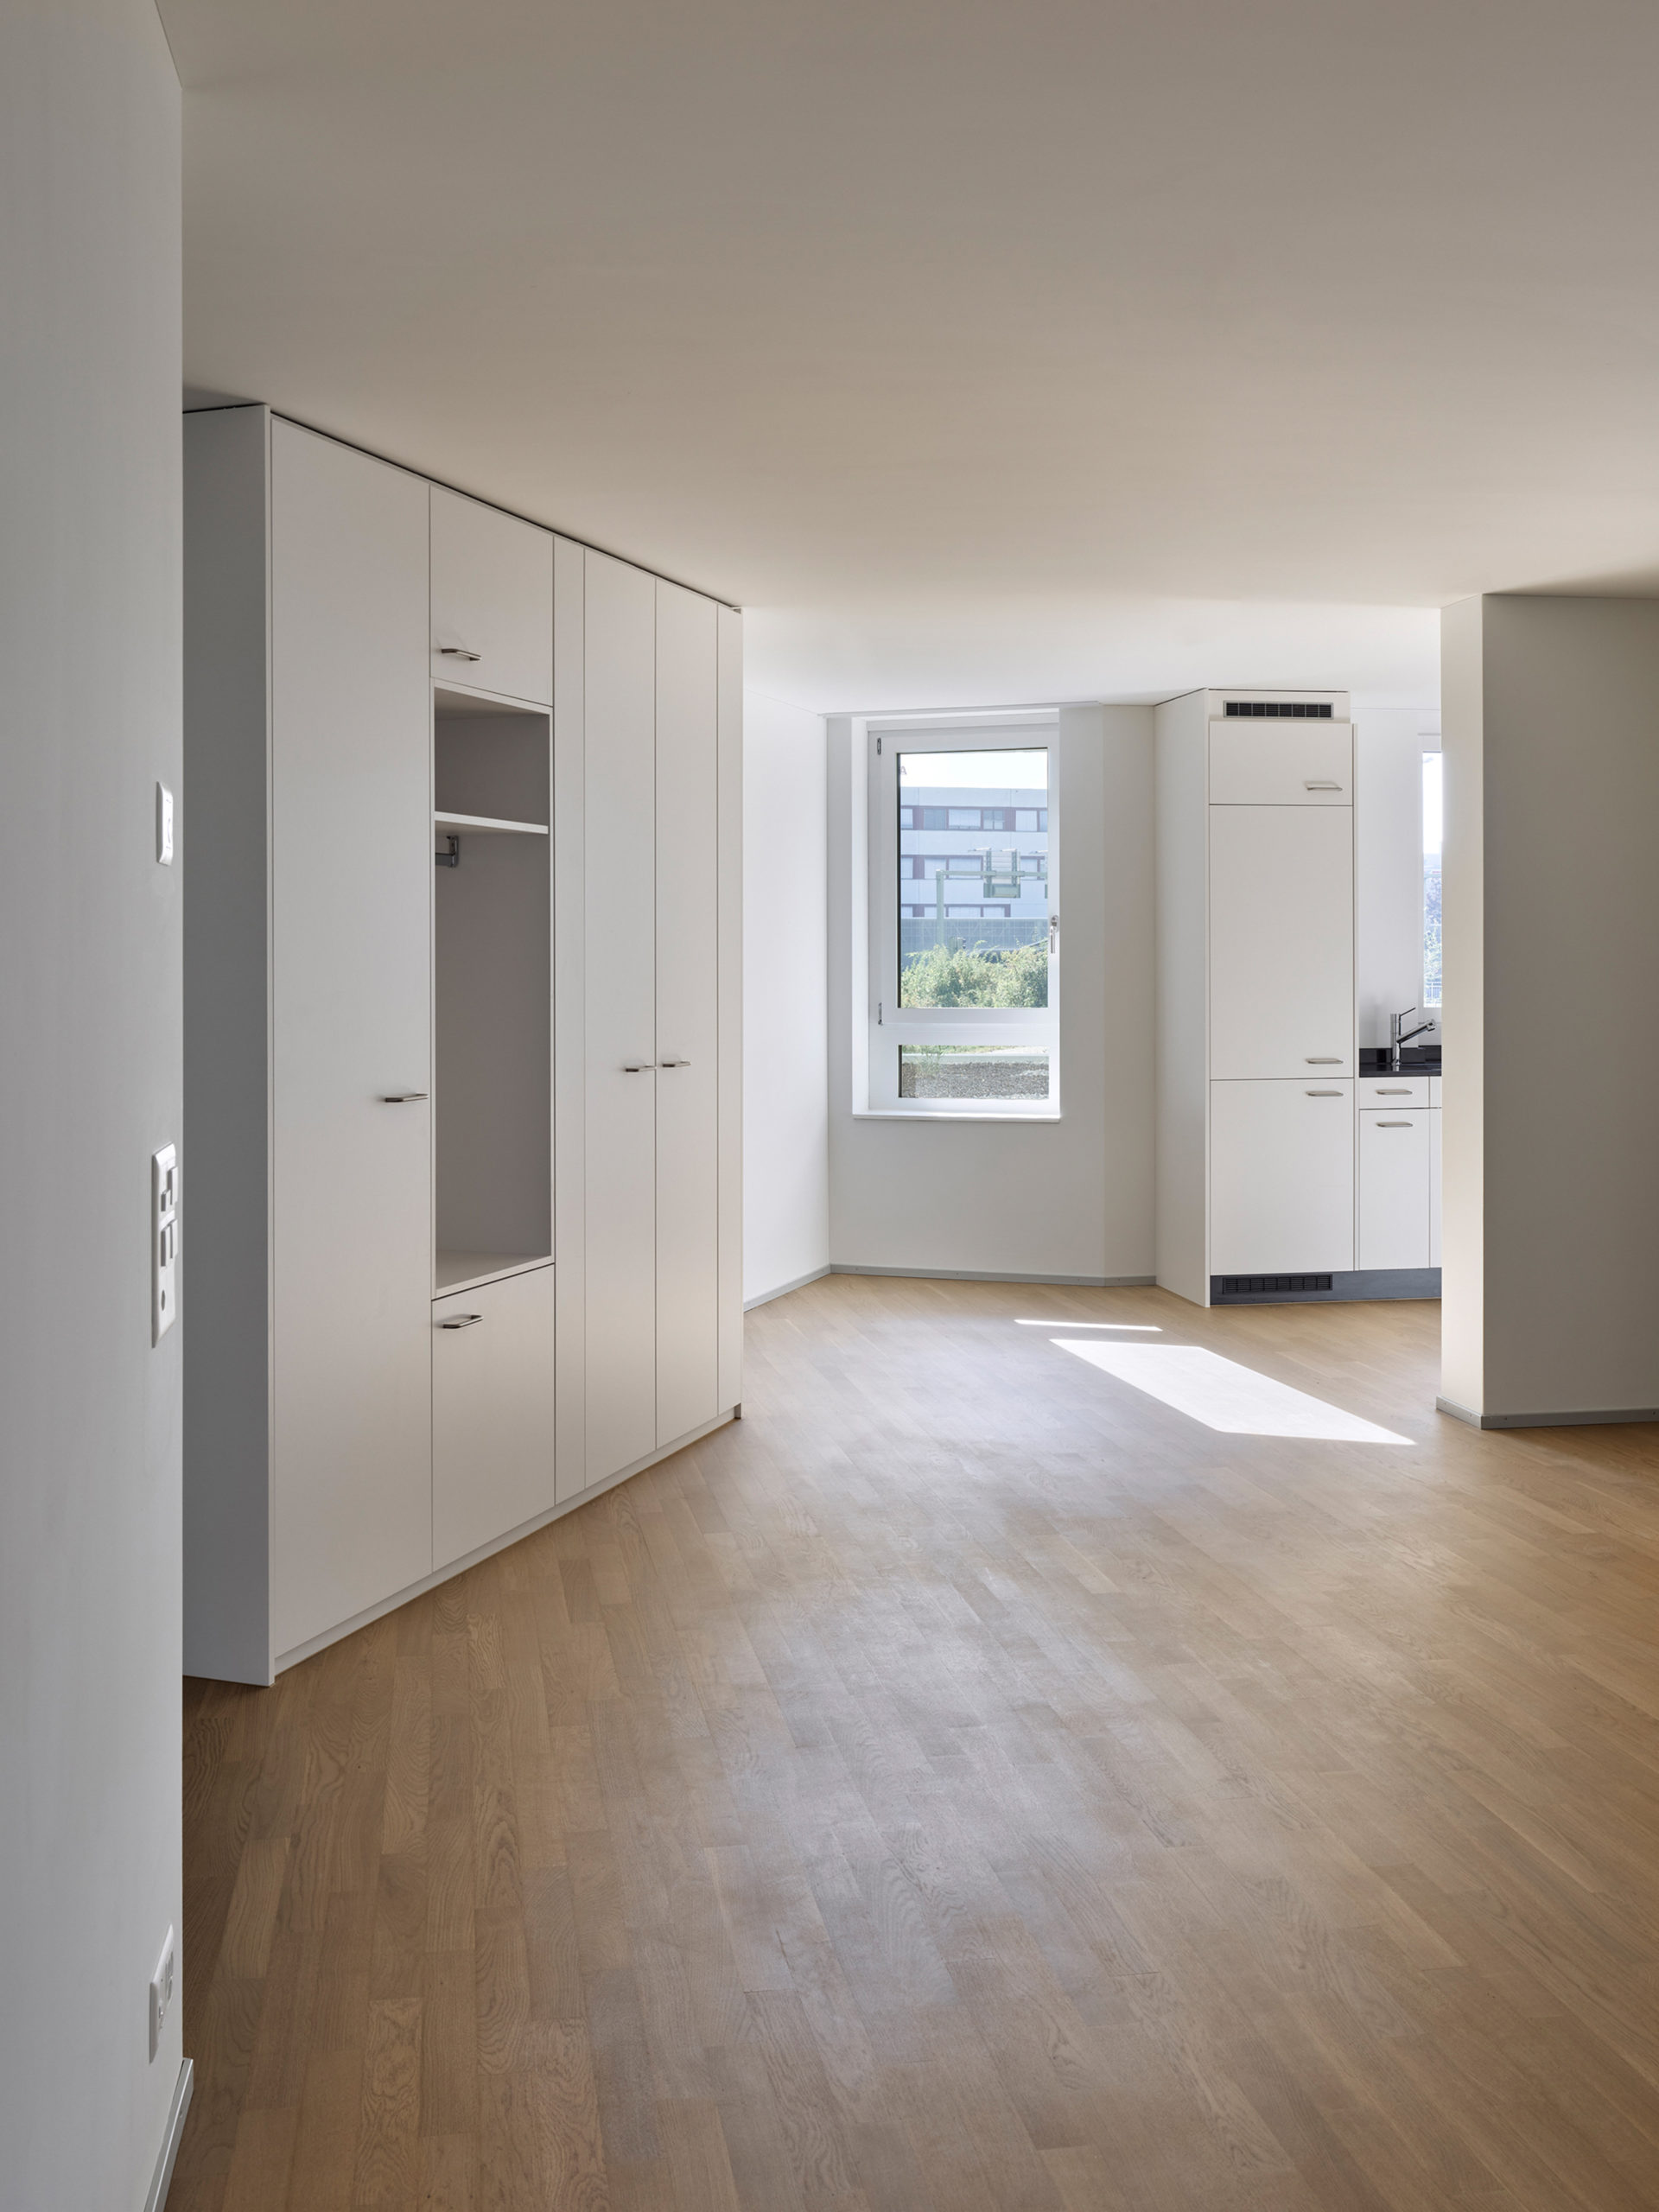 Überbauung Riedgarten, Zwicky-Areal, Dübendorf, LOCALARCHITECT